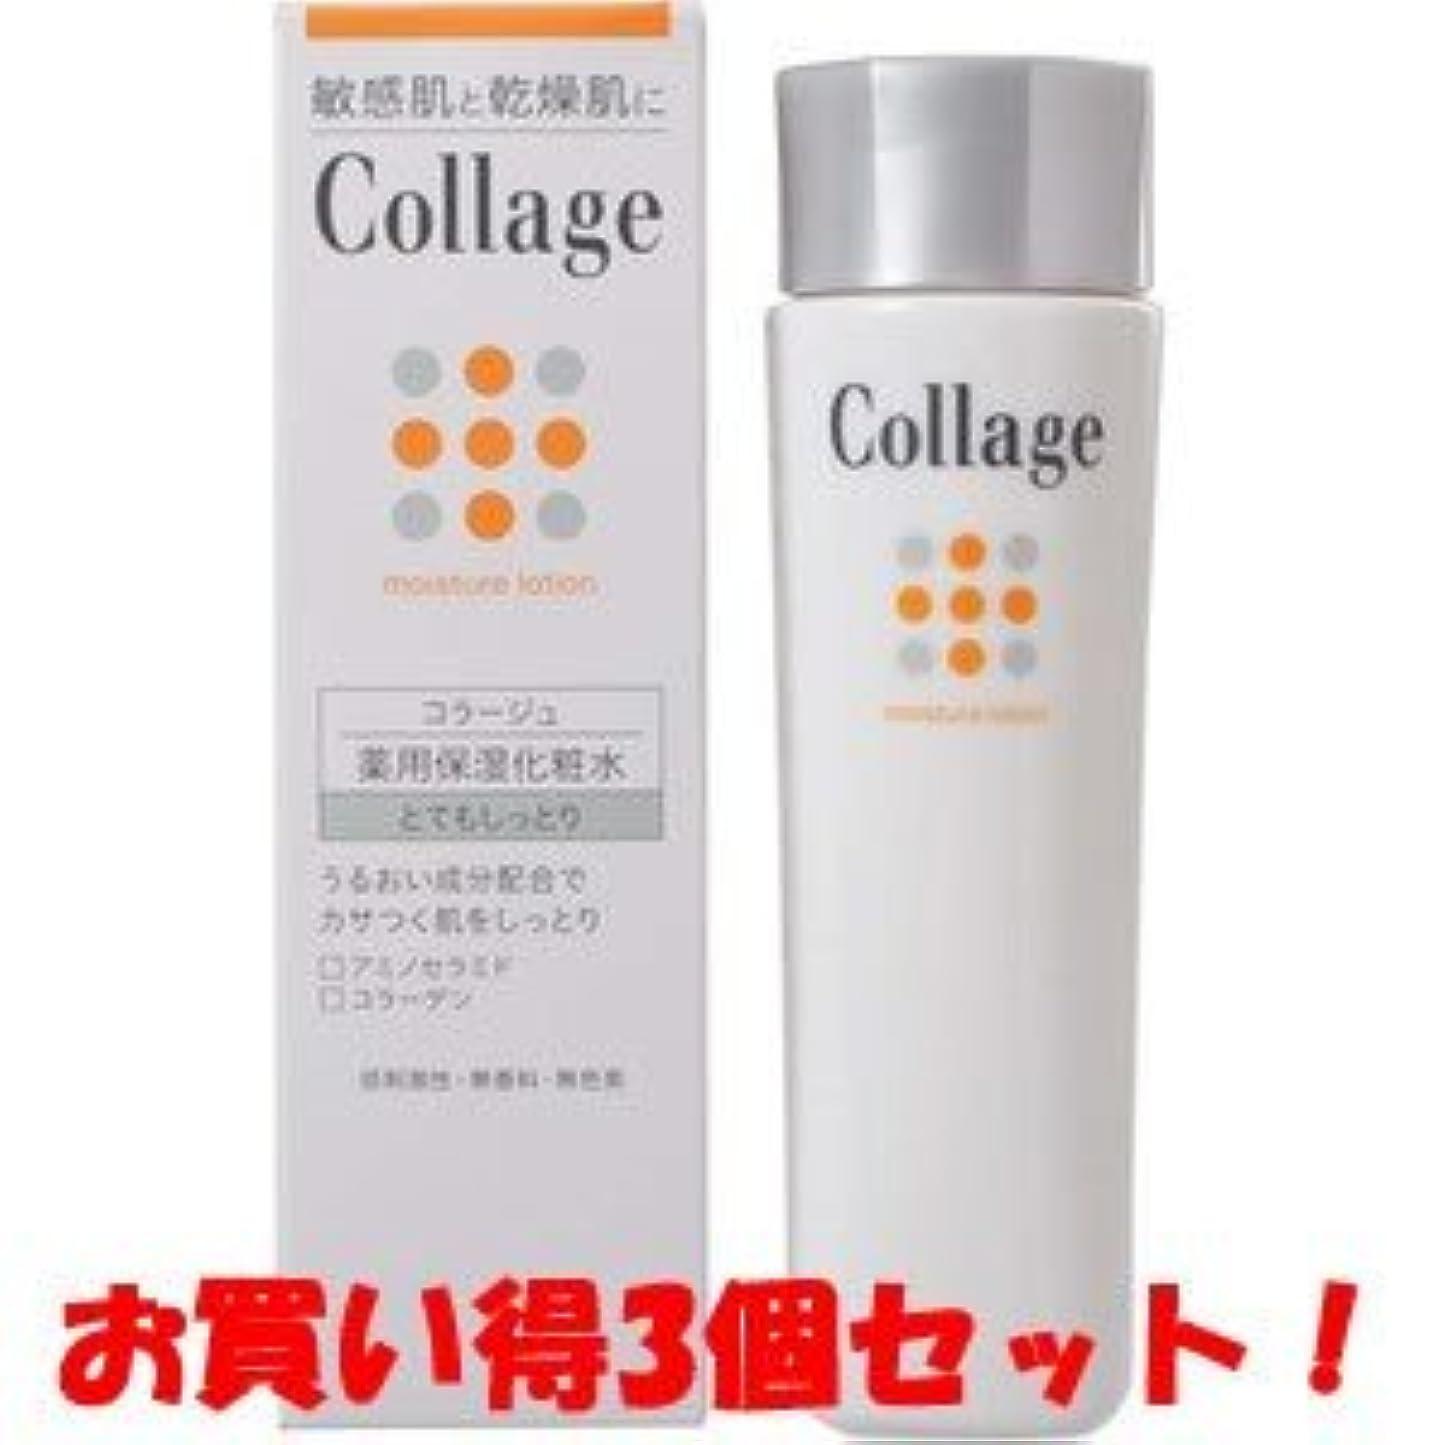 対処する目立つアニメーション(持田ヘルスケア)コラージュ 薬用保湿化粧水 とてもしっとり 120ml(医薬部外品)(お買い得3個セット)